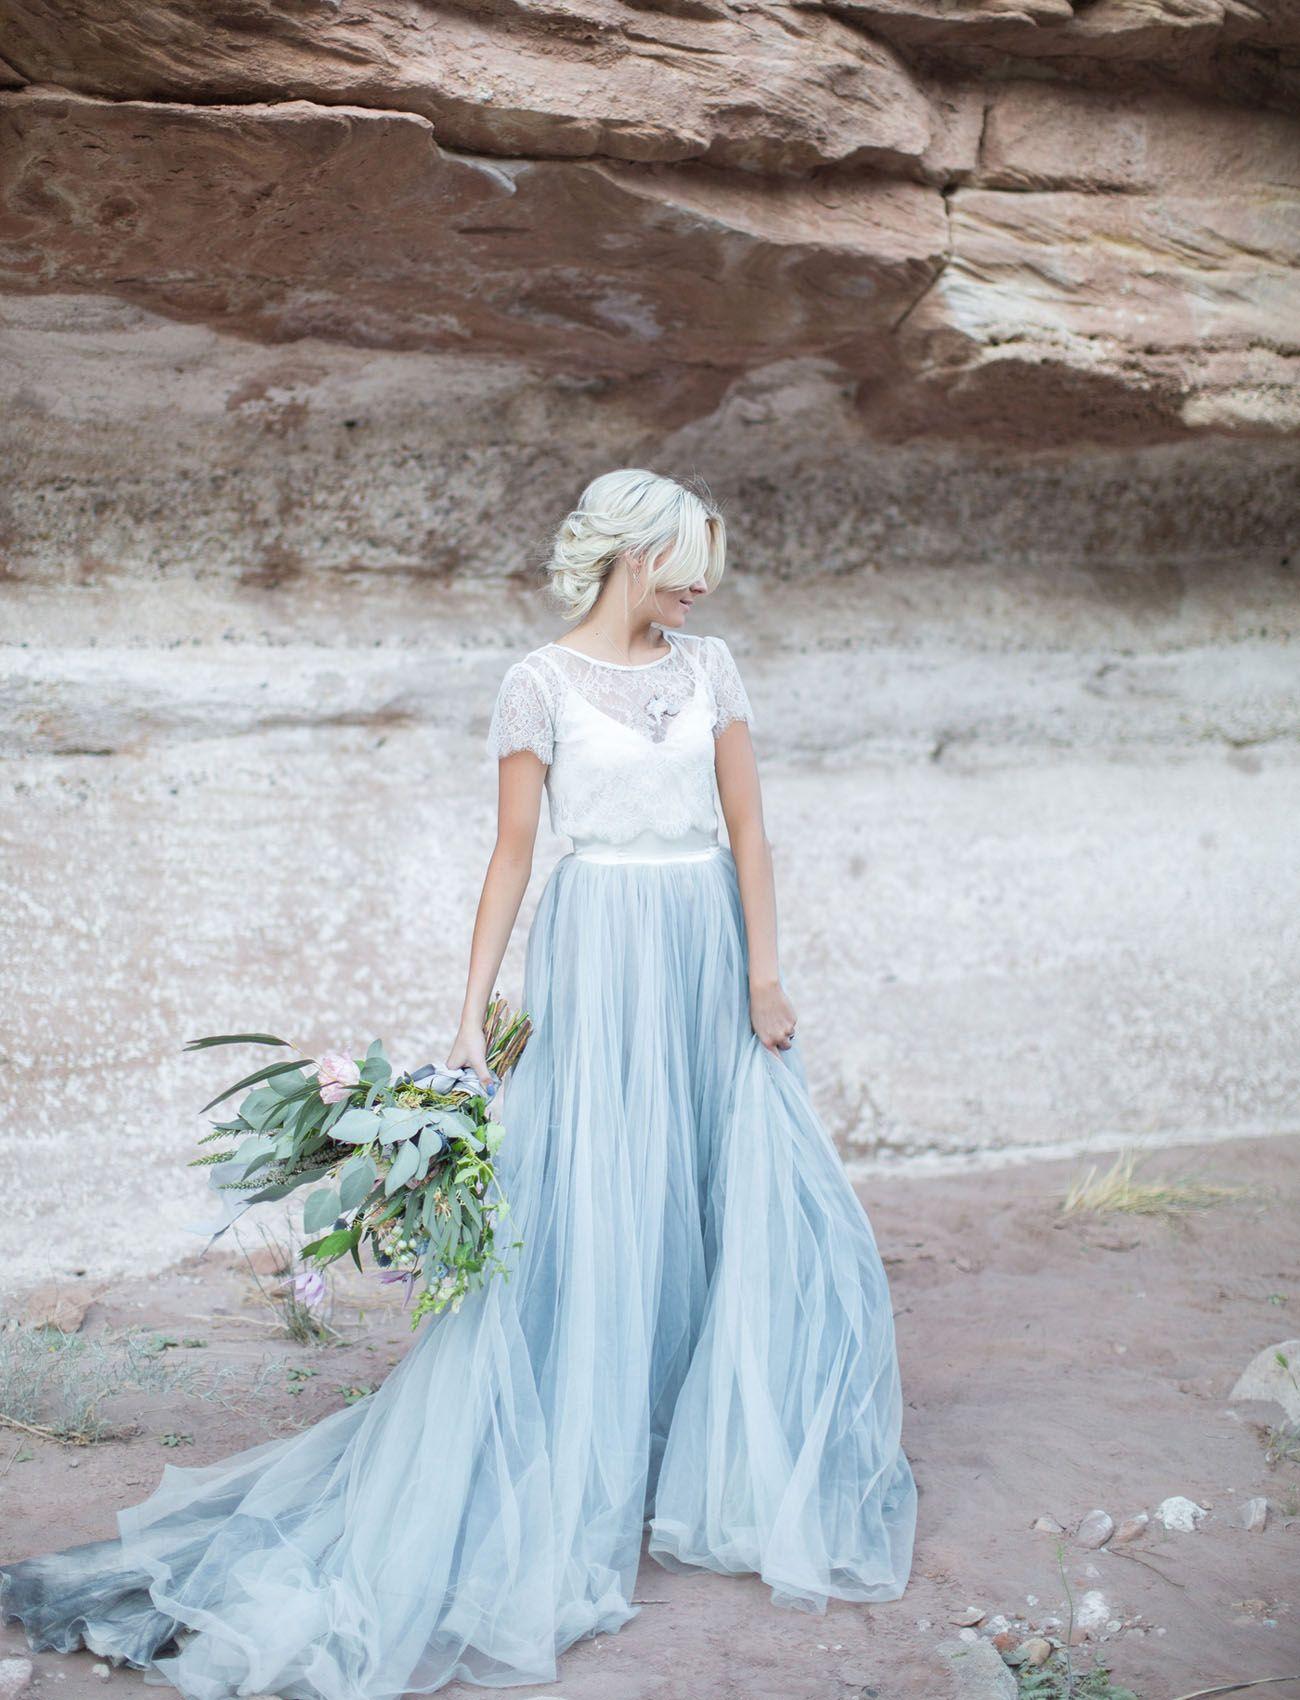 Ungewöhnliche Brautkleider: 14 außergewöhnliche Brautmode-Trends